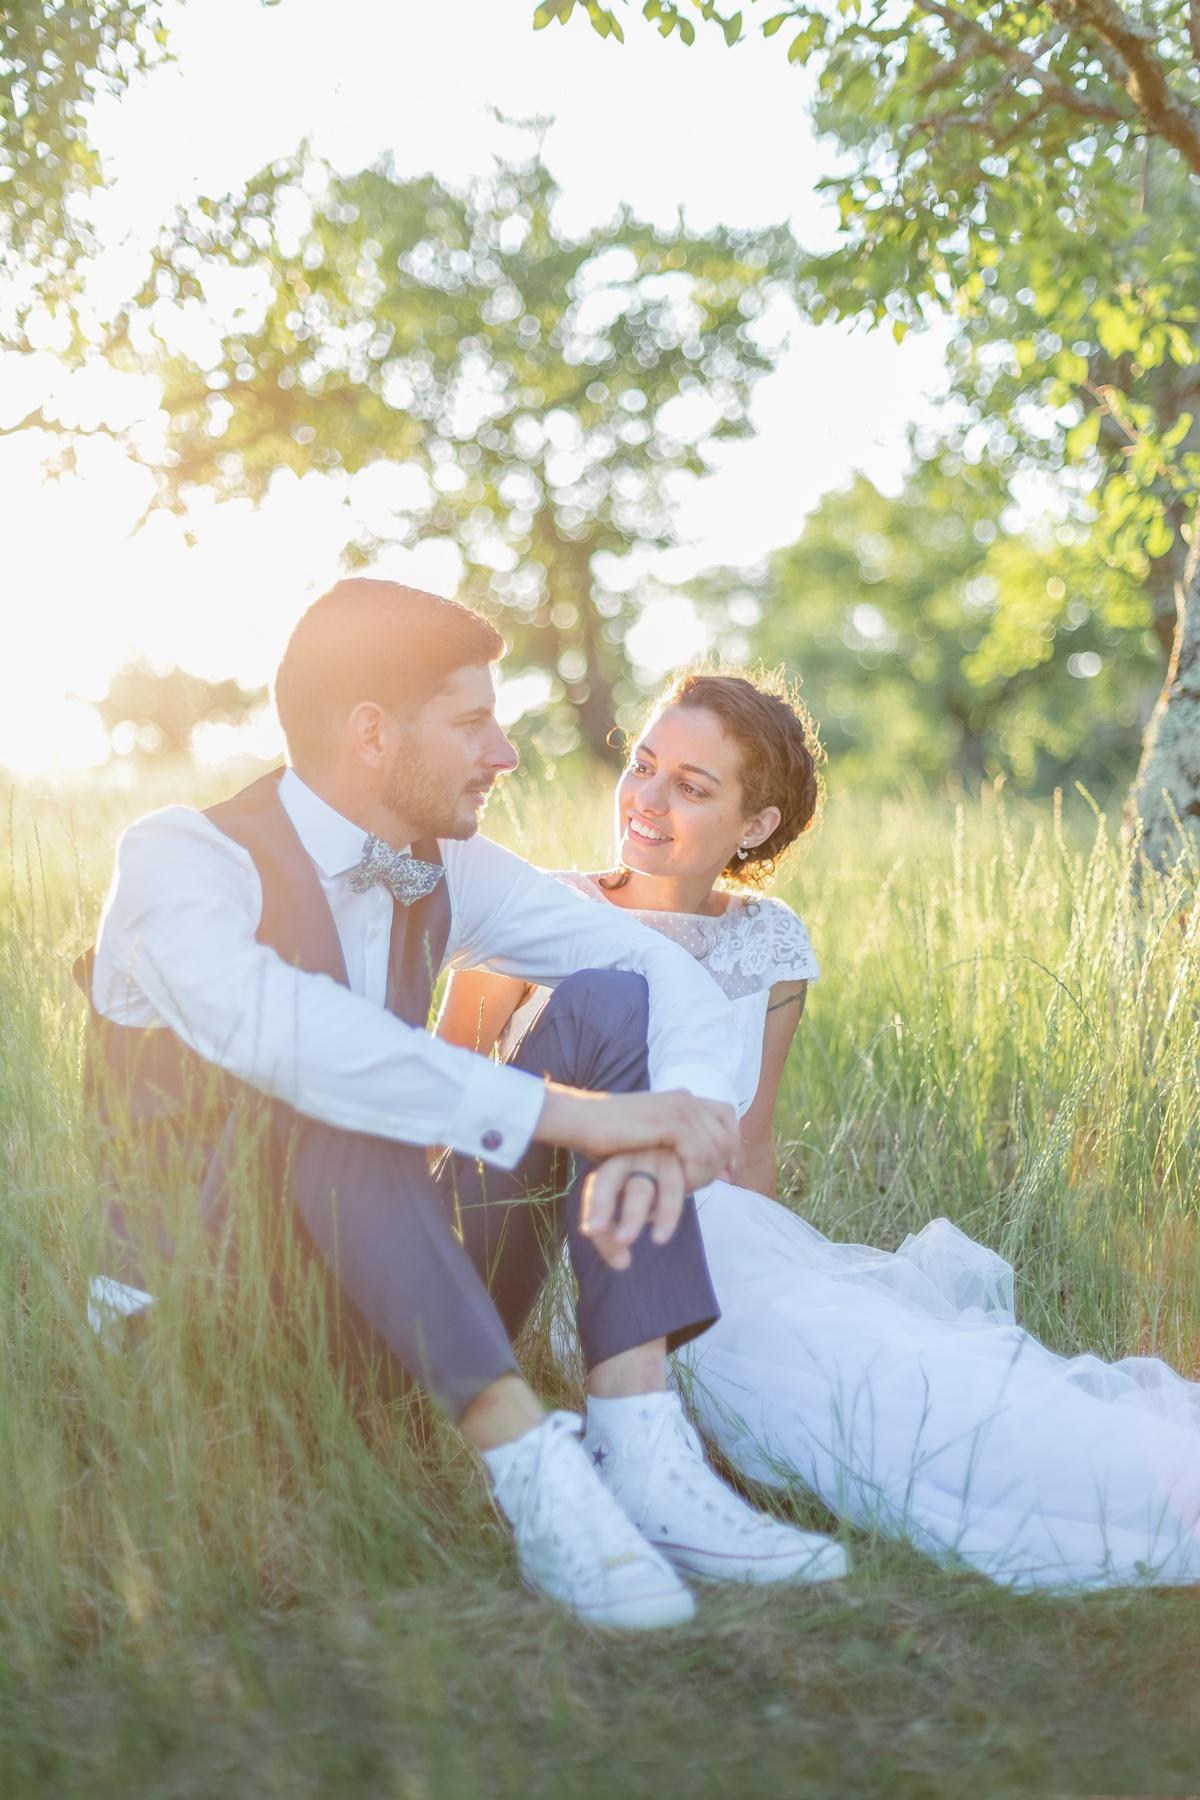 Séance photo de mariage au coucher de soleil